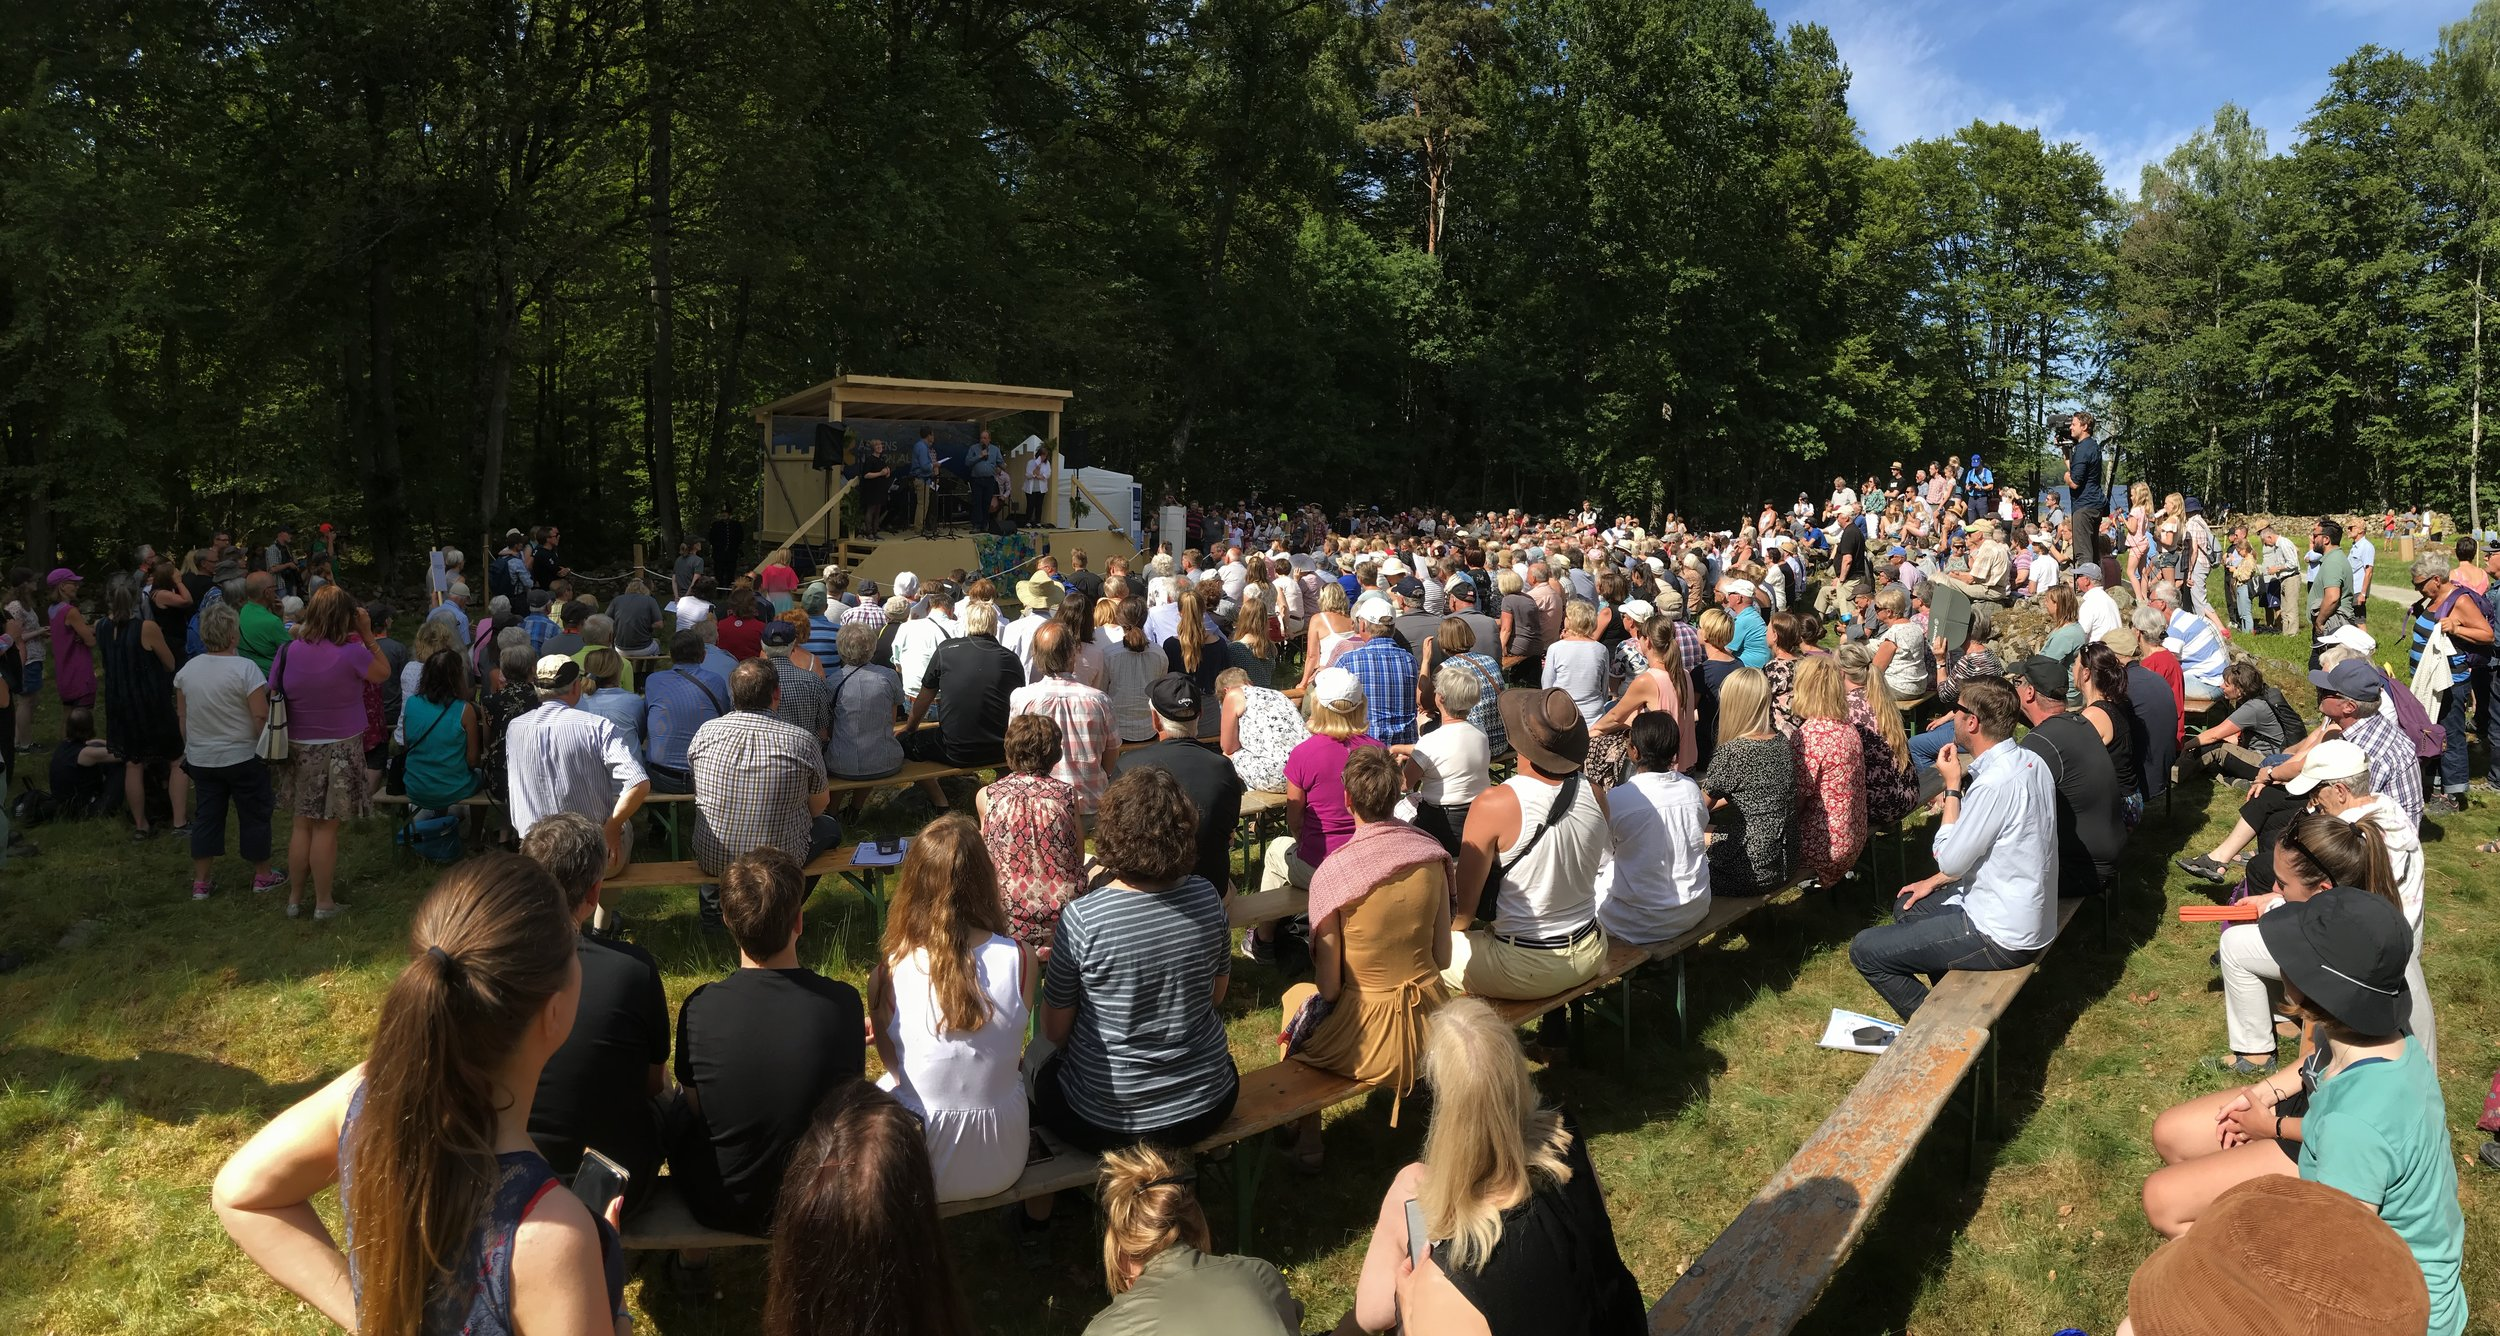 Fullproppat intresse när Björn Risinger, GD på Naturvårdsverket,tar till orda, tyvärr i avsaknad av högtalaranläggning...